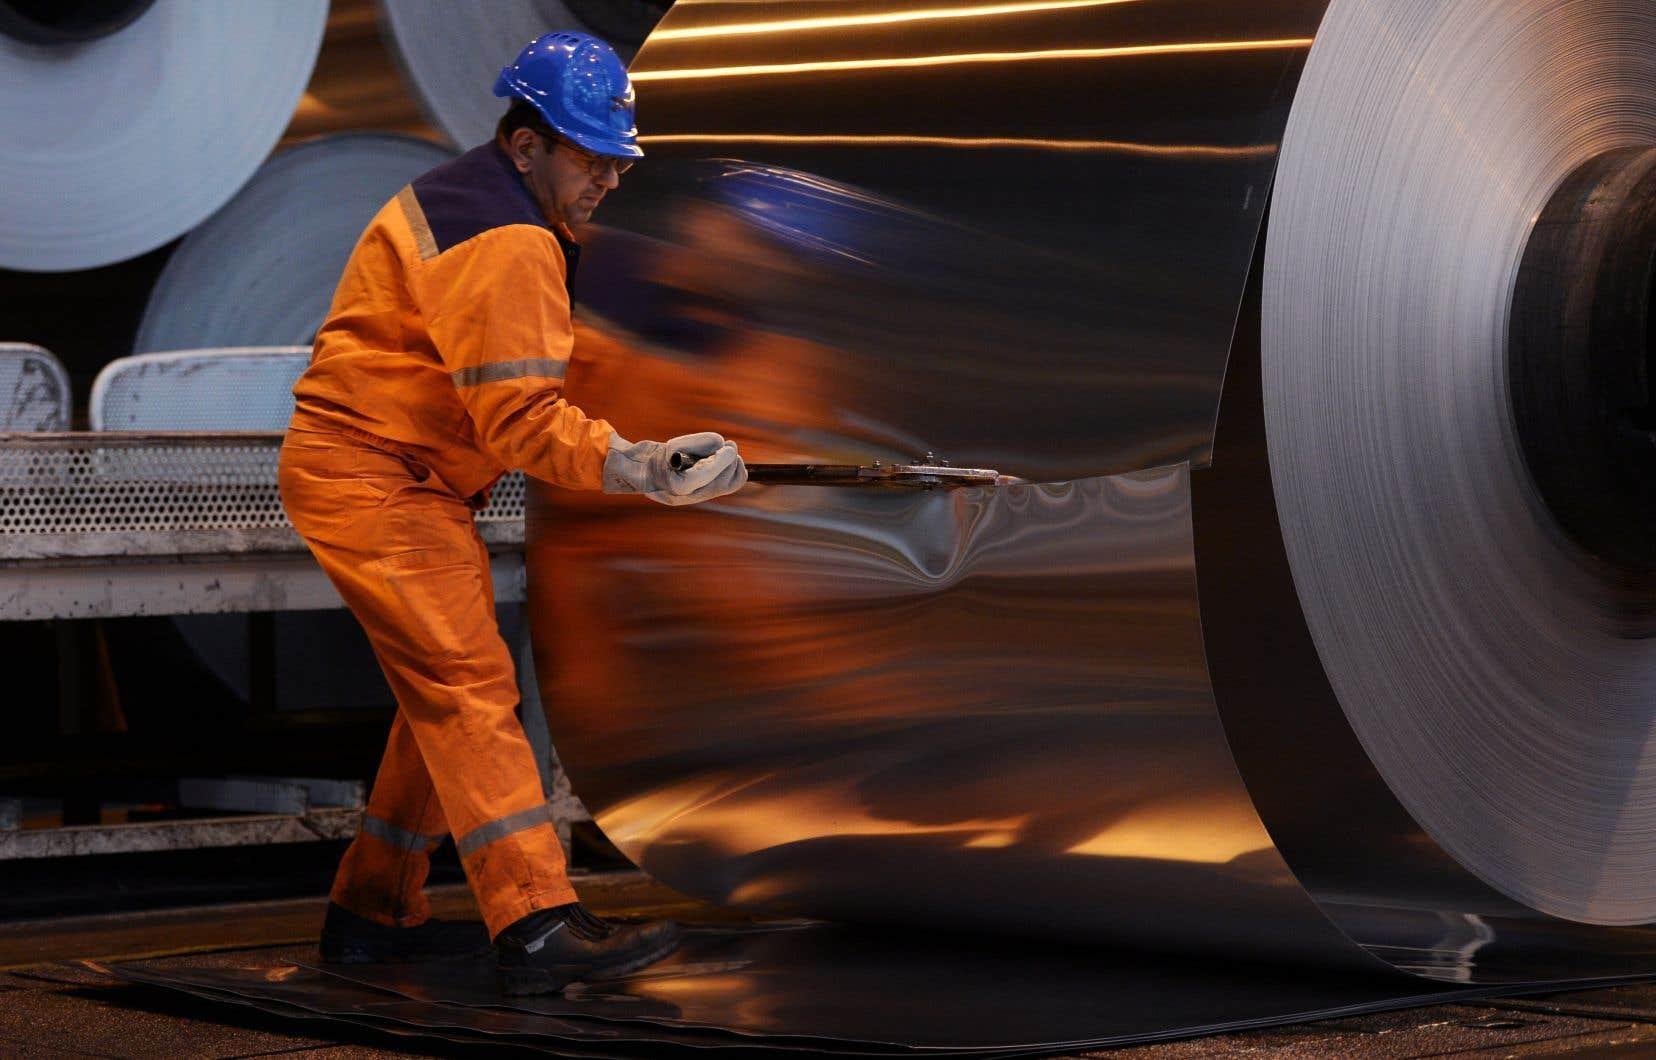 Sous un gouvernement républicain, il pourrait y avoir uneimposition de tarifs sur certaines catégories de produits, comme l'aluminium, l'acier et le papier journal.